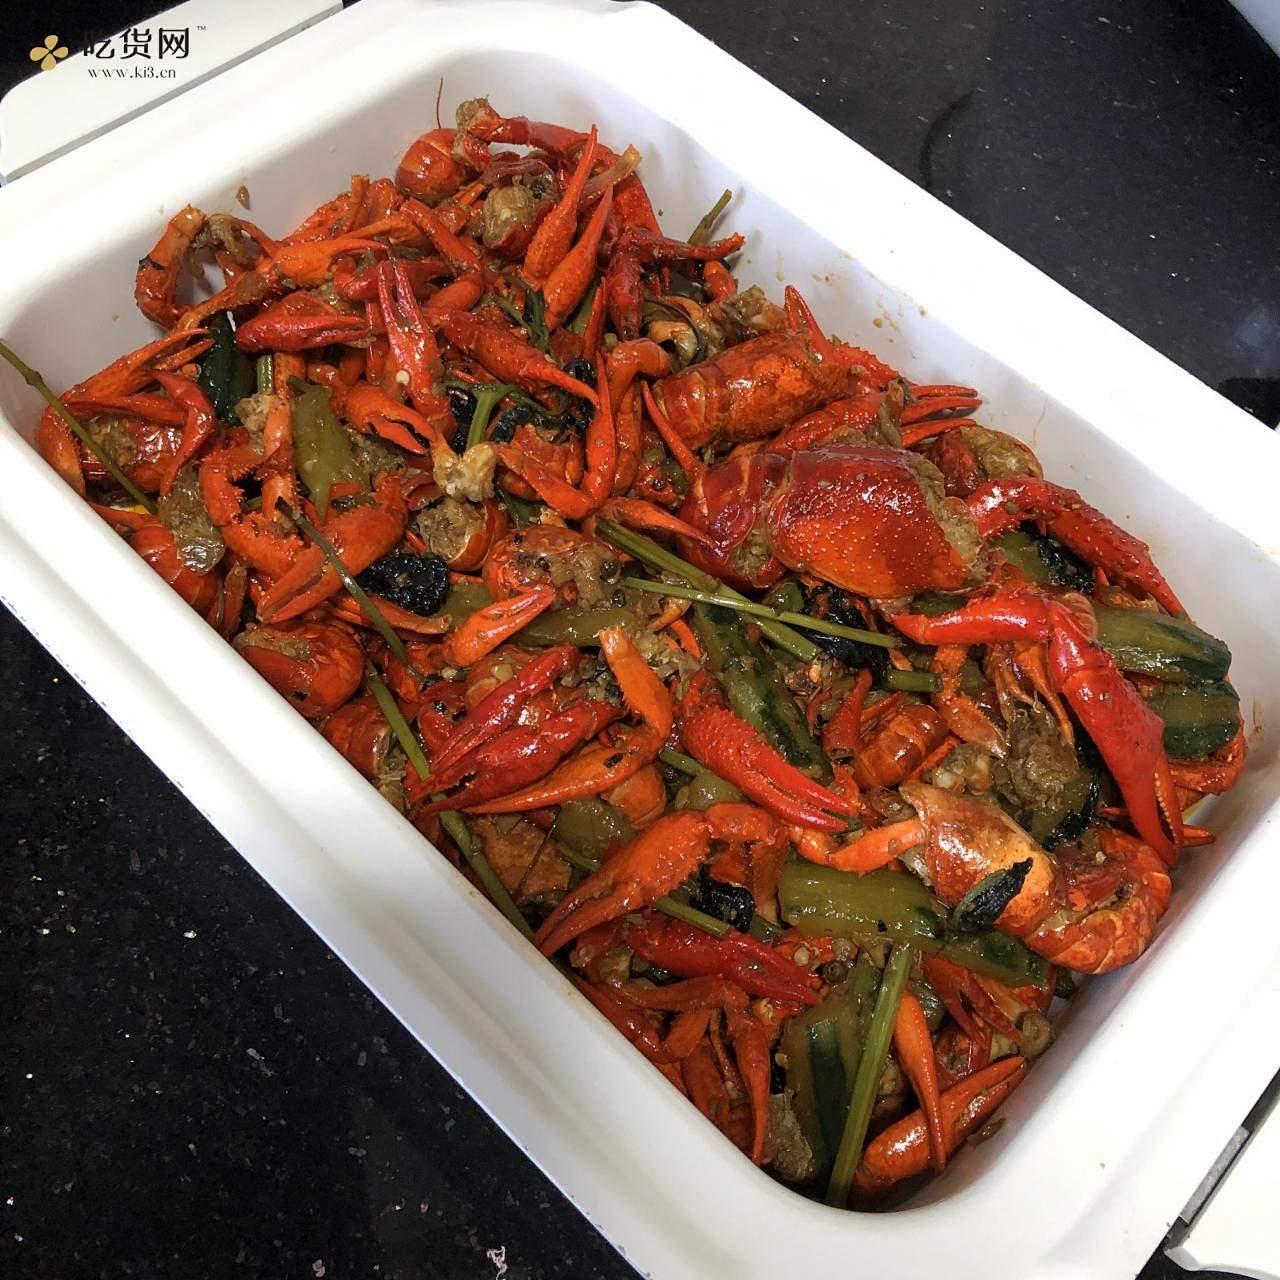 麻辣小龙虾🦞&蒜香虾球的做法 步骤7